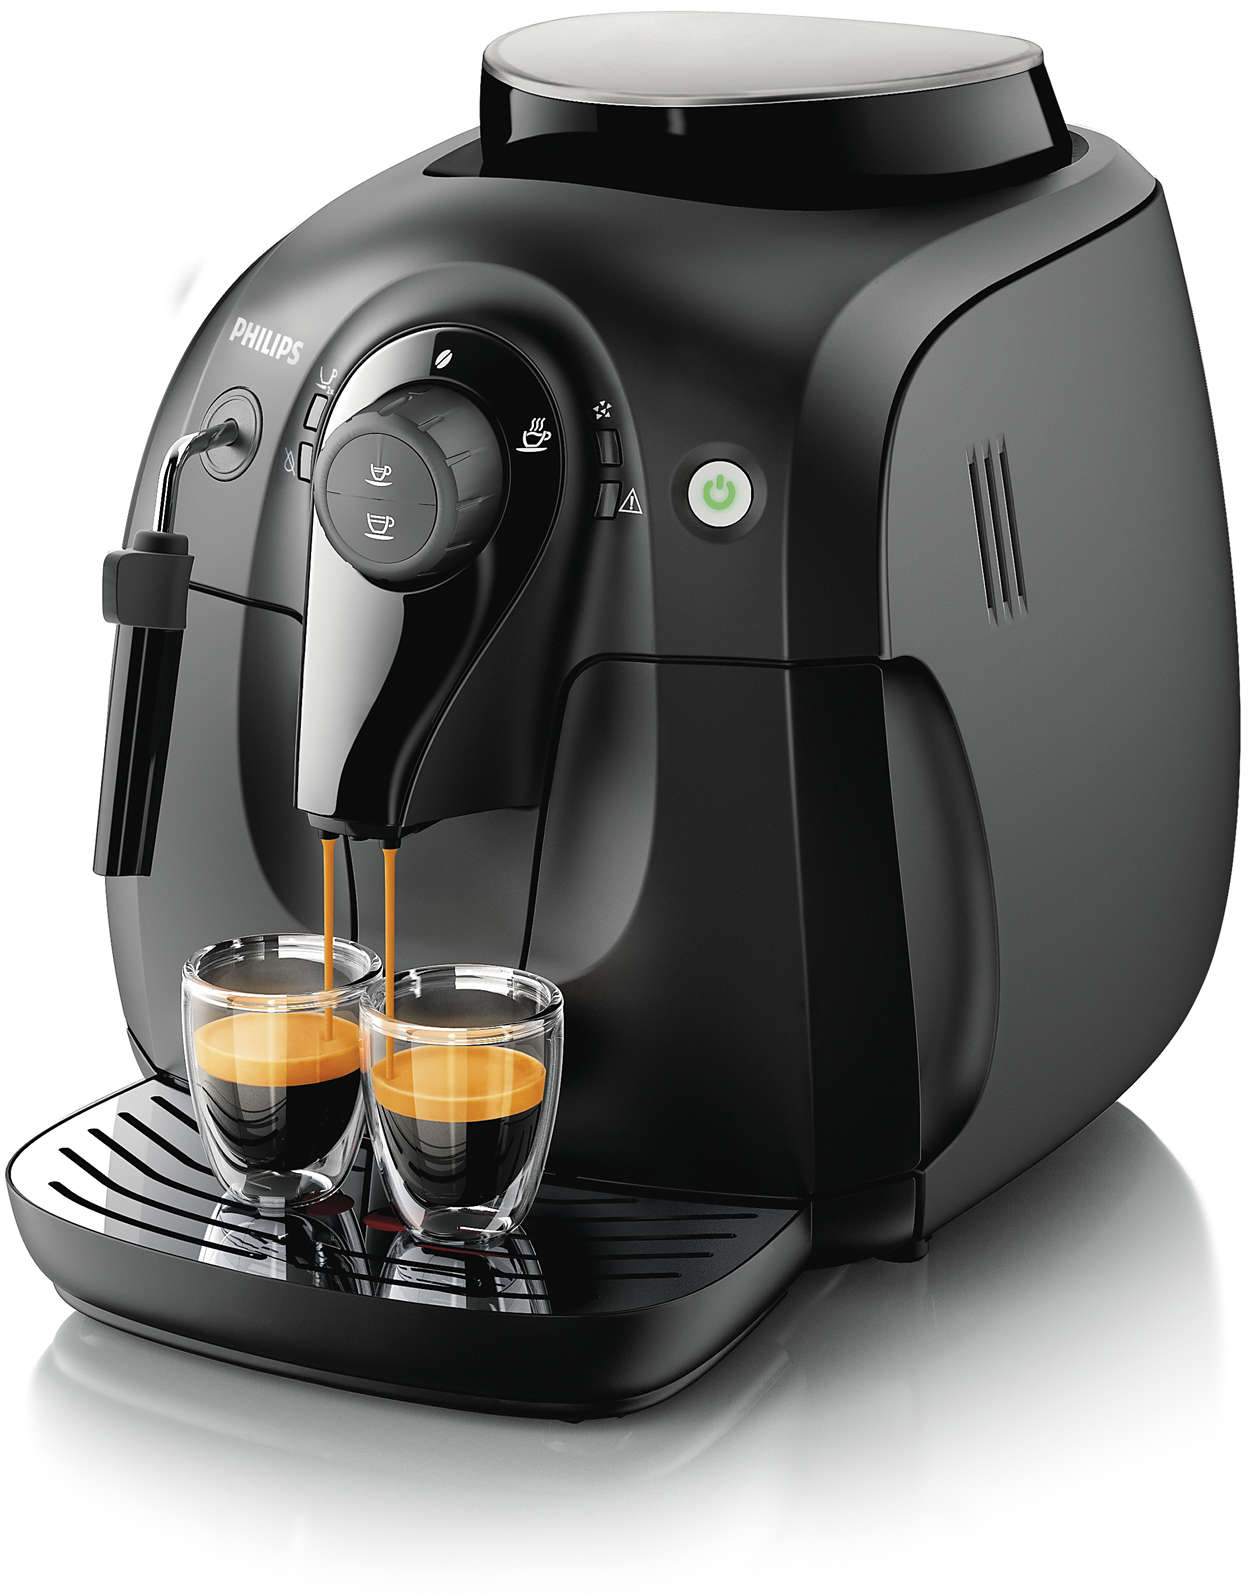 Užuoskite savo mėgstamiausių kavos pupelių aromatą